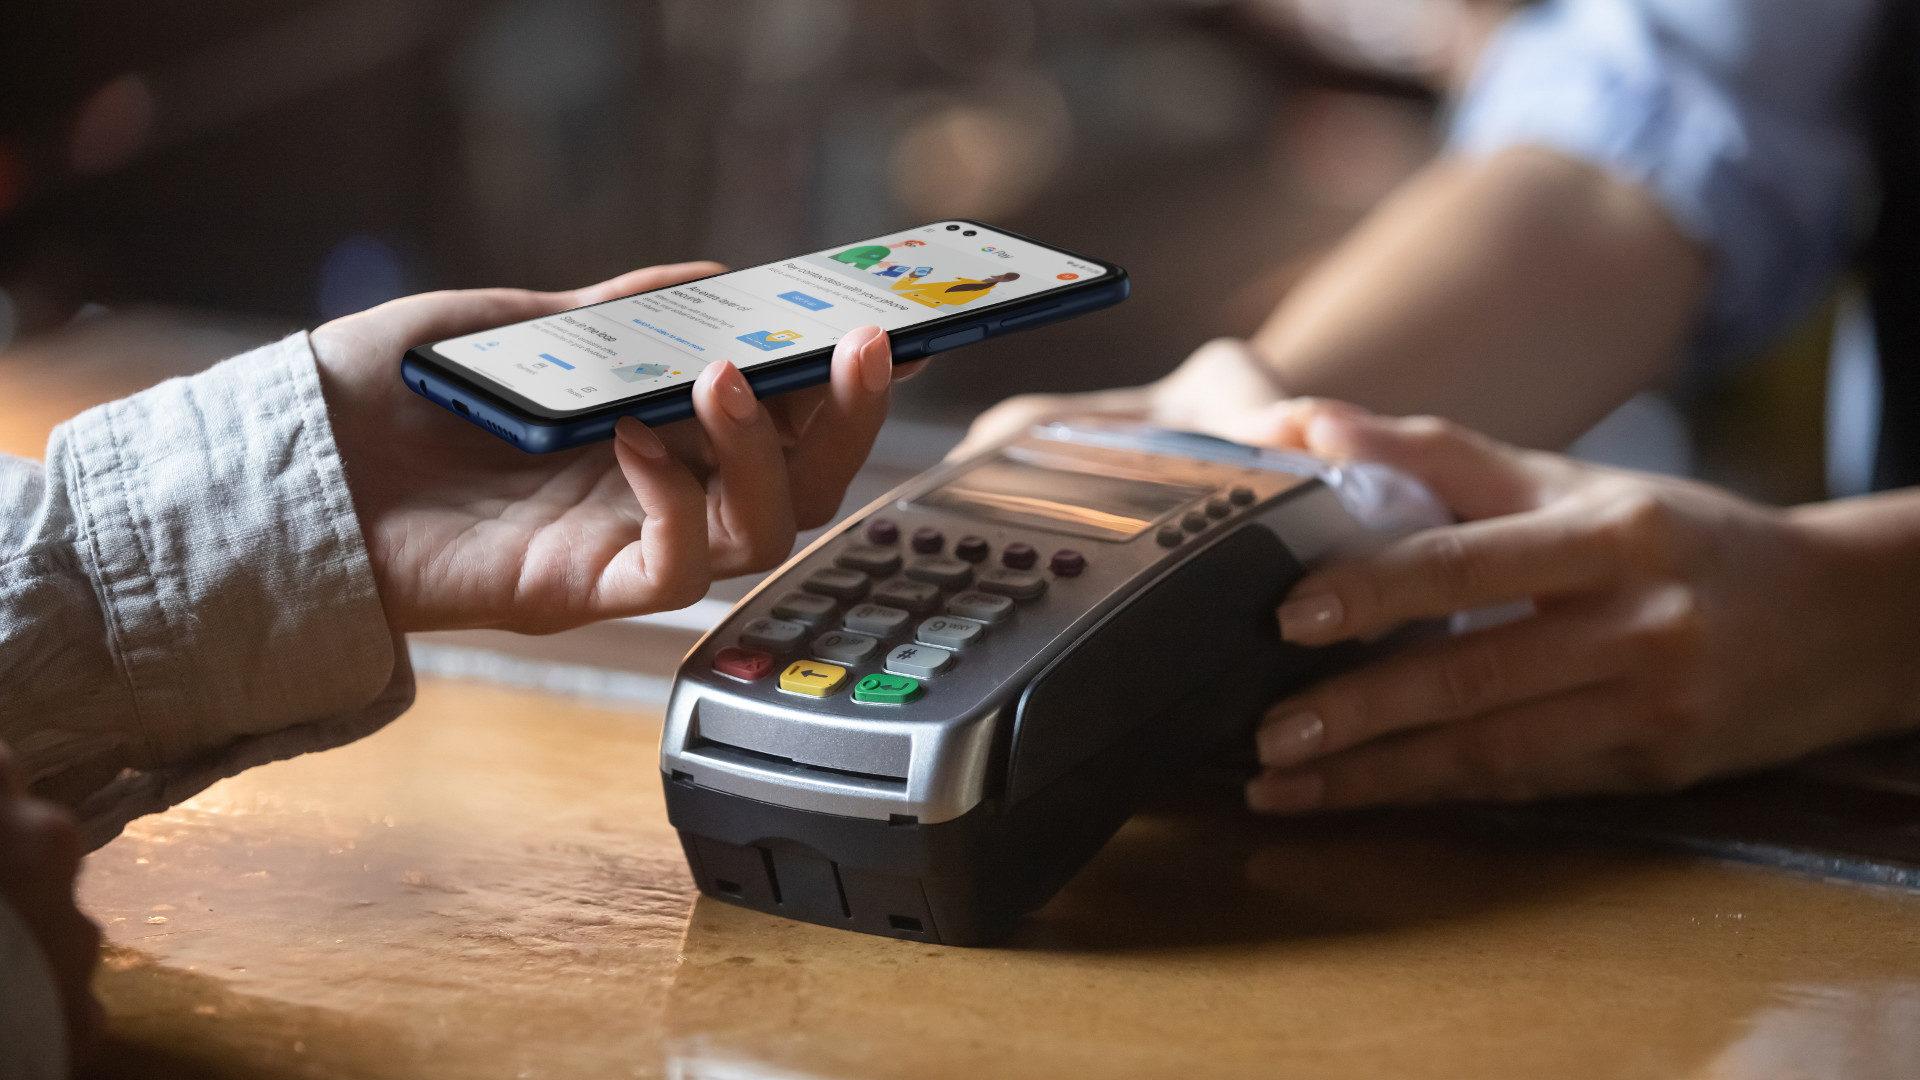 Nhà nghiên cứu bảo mật hack dễ dàng máy ATM bằng ứng dụng Android và giao thức thanh toán NFC - Ảnh 1.